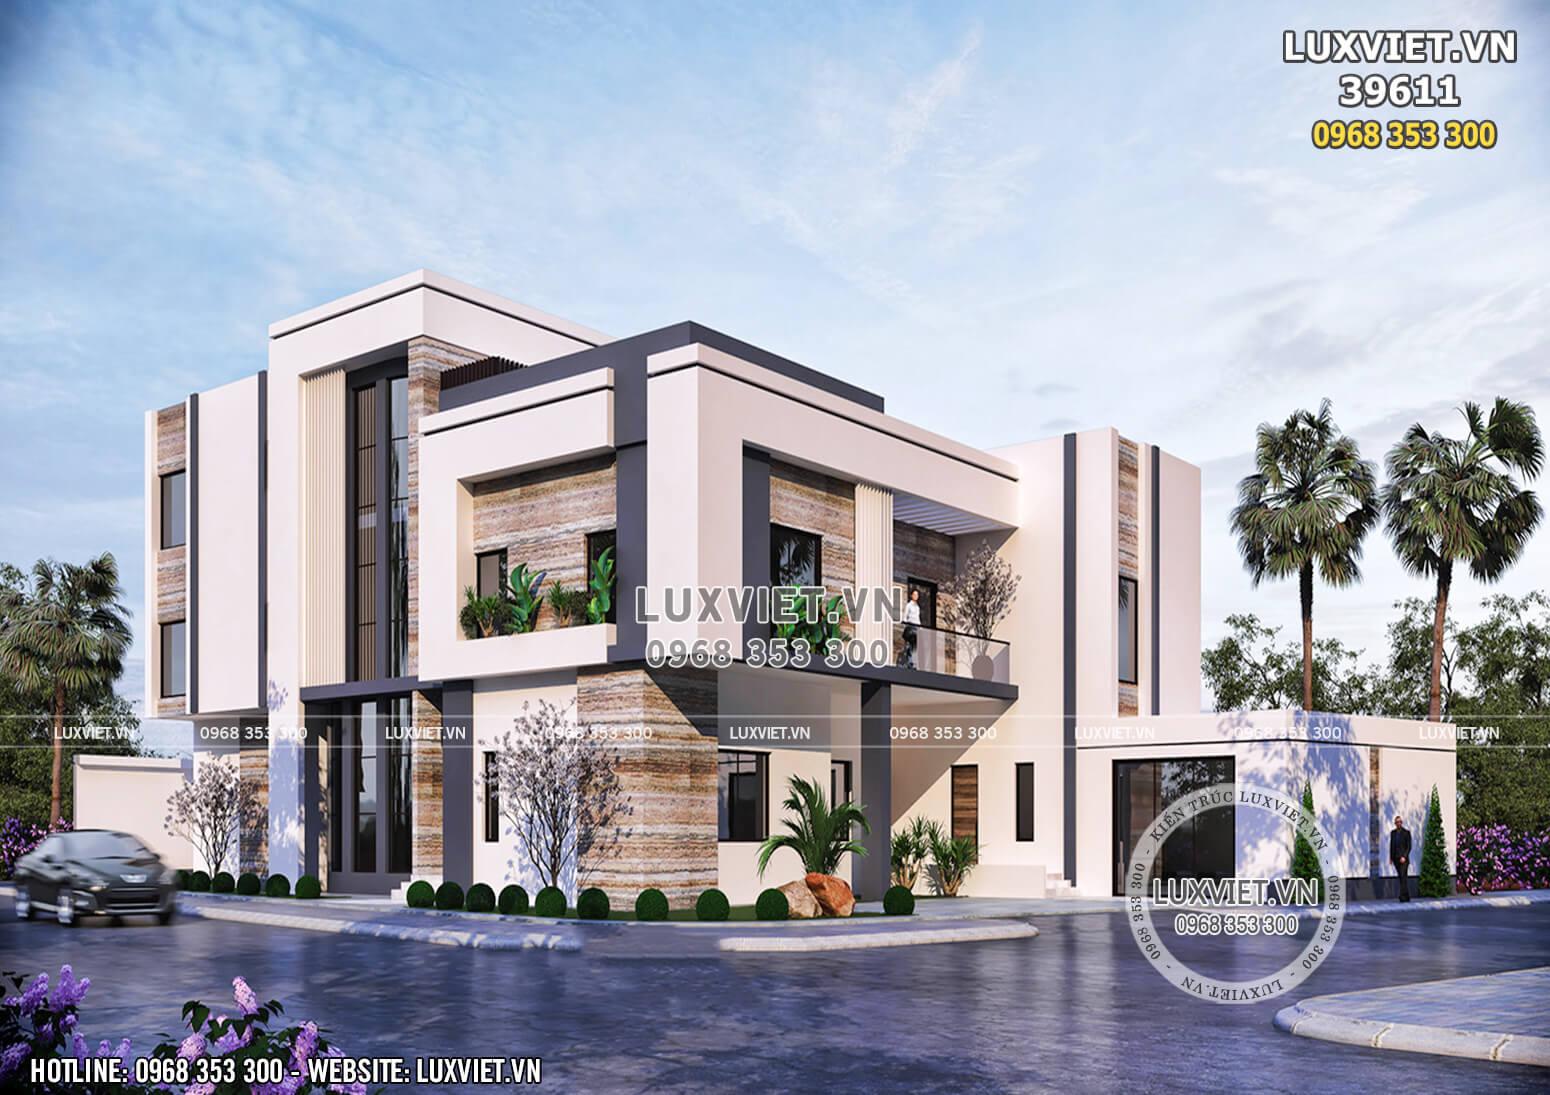 Một góc view đẹp mẫu thiết kế villa 3 tầng hiện đại đẹp